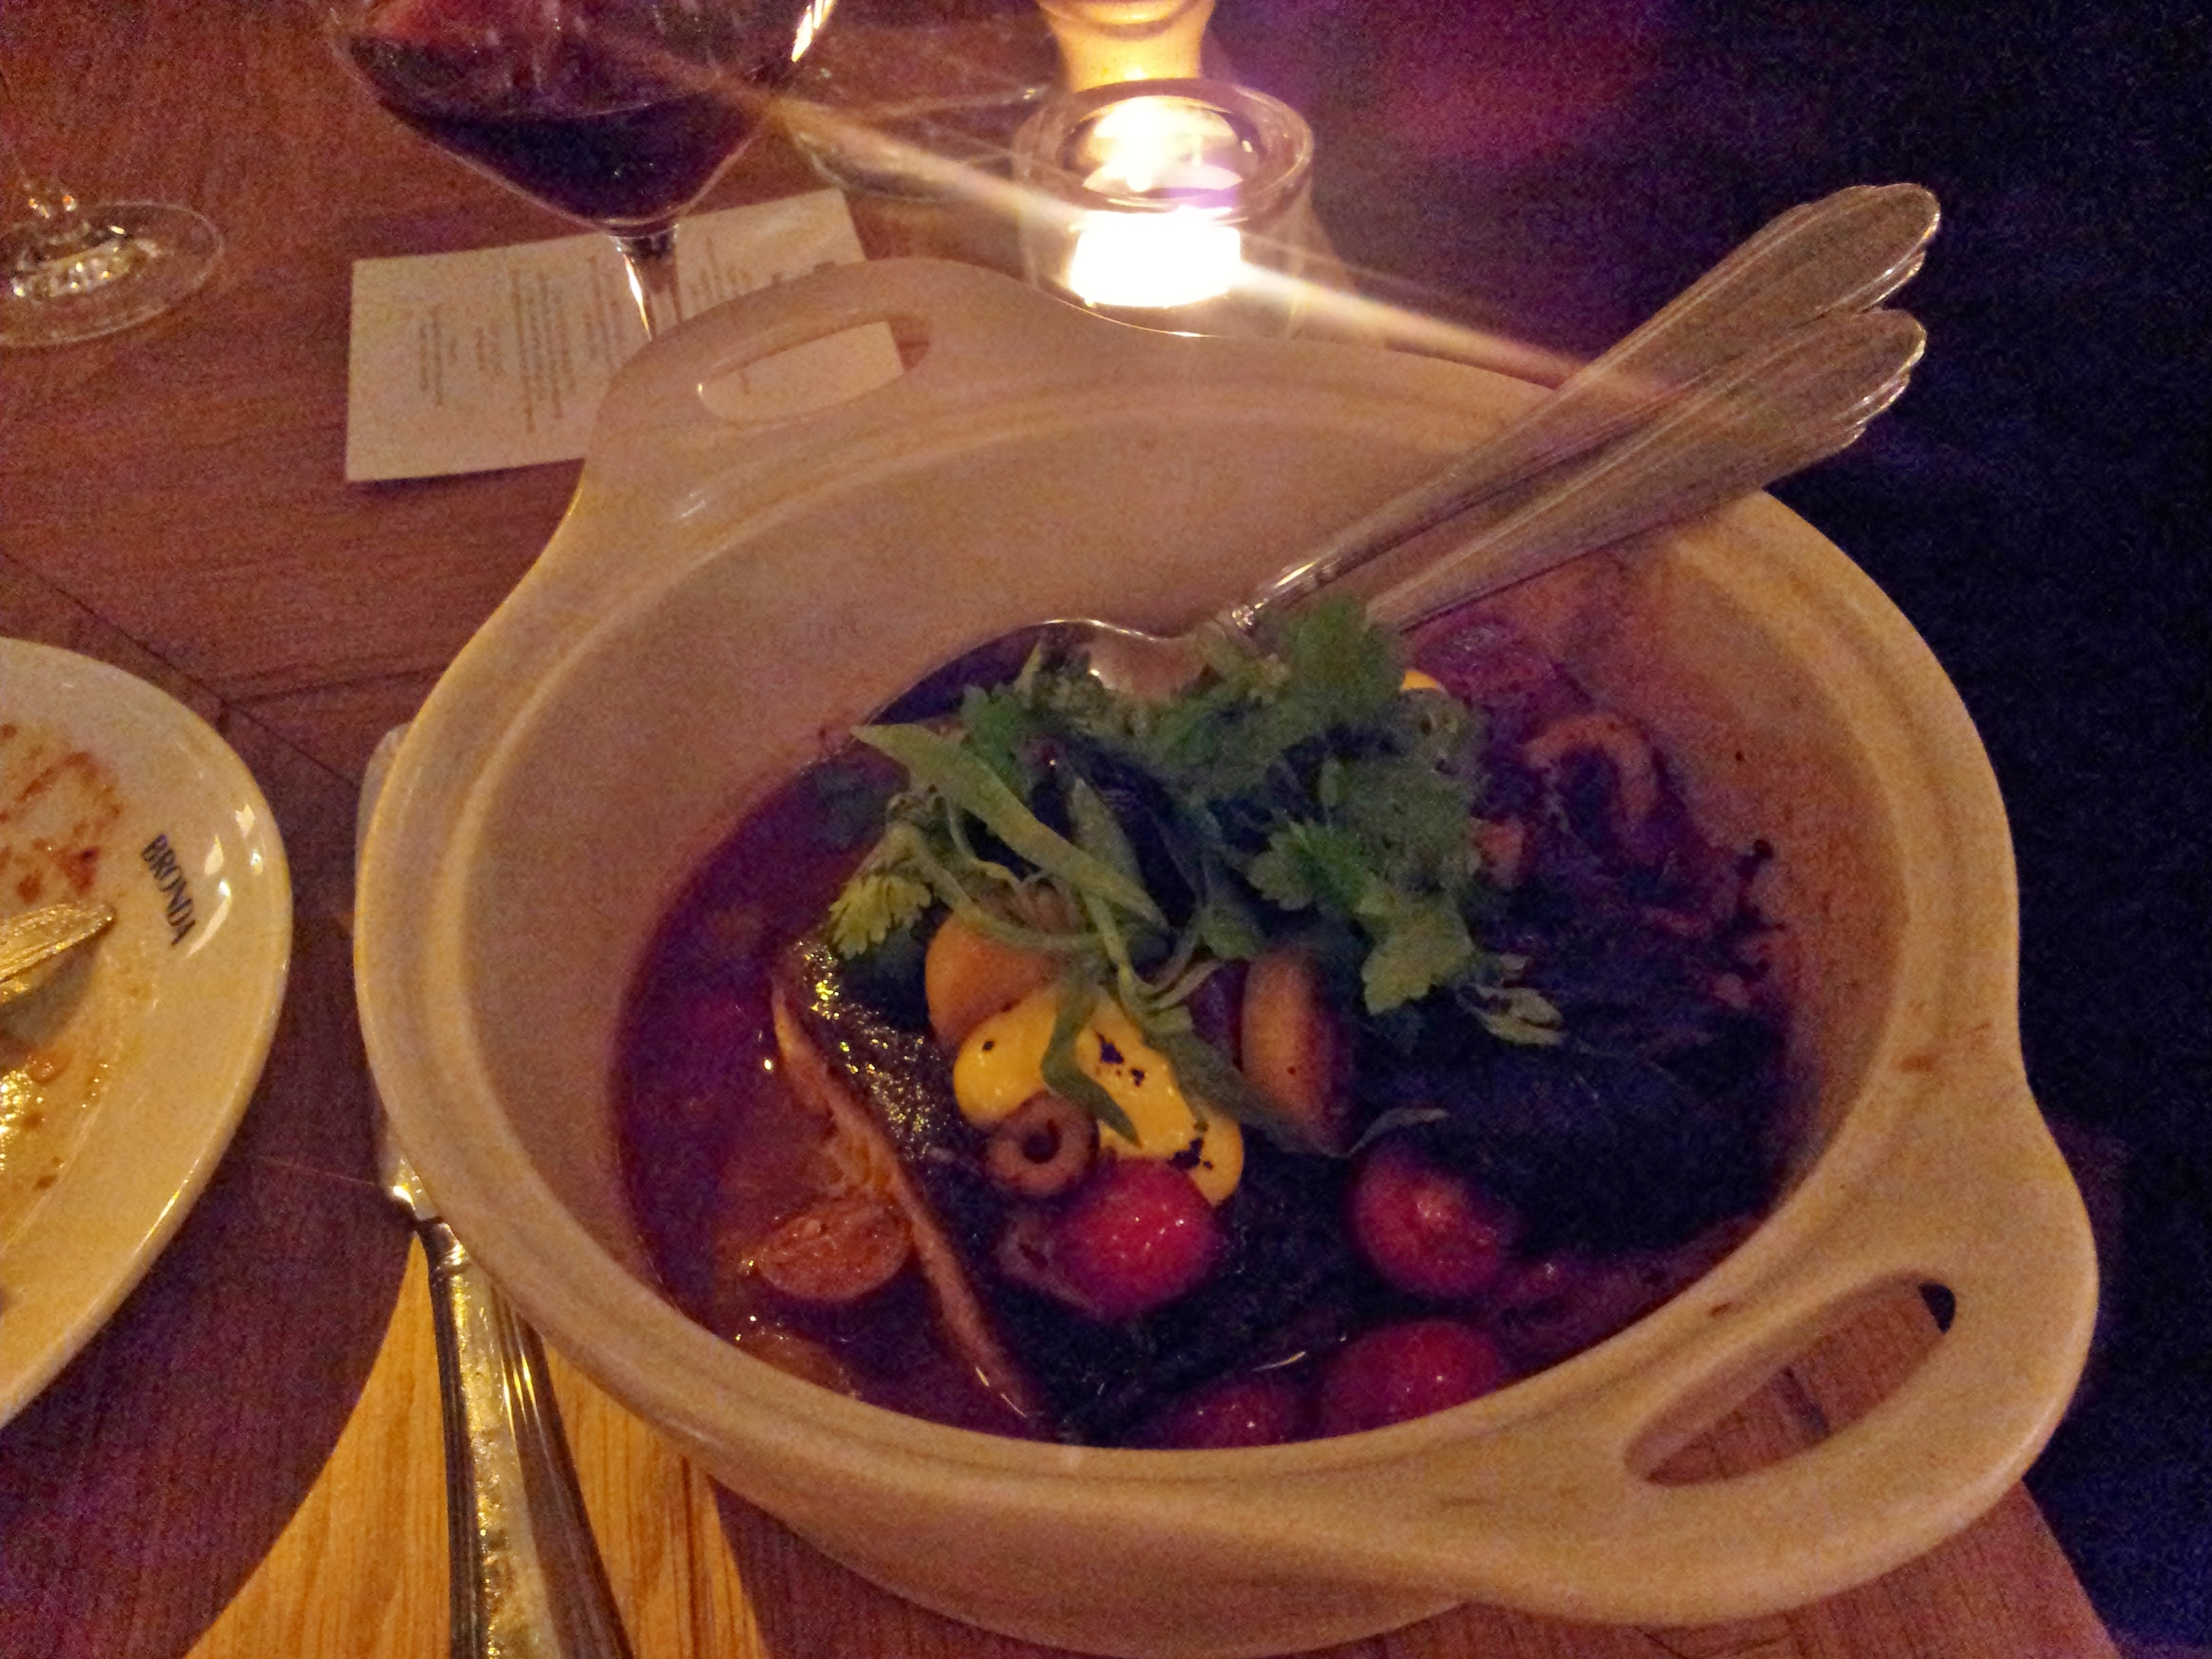 Ravintola Bronda, Helsinki: Local fish stewed basque style & truffle polenta